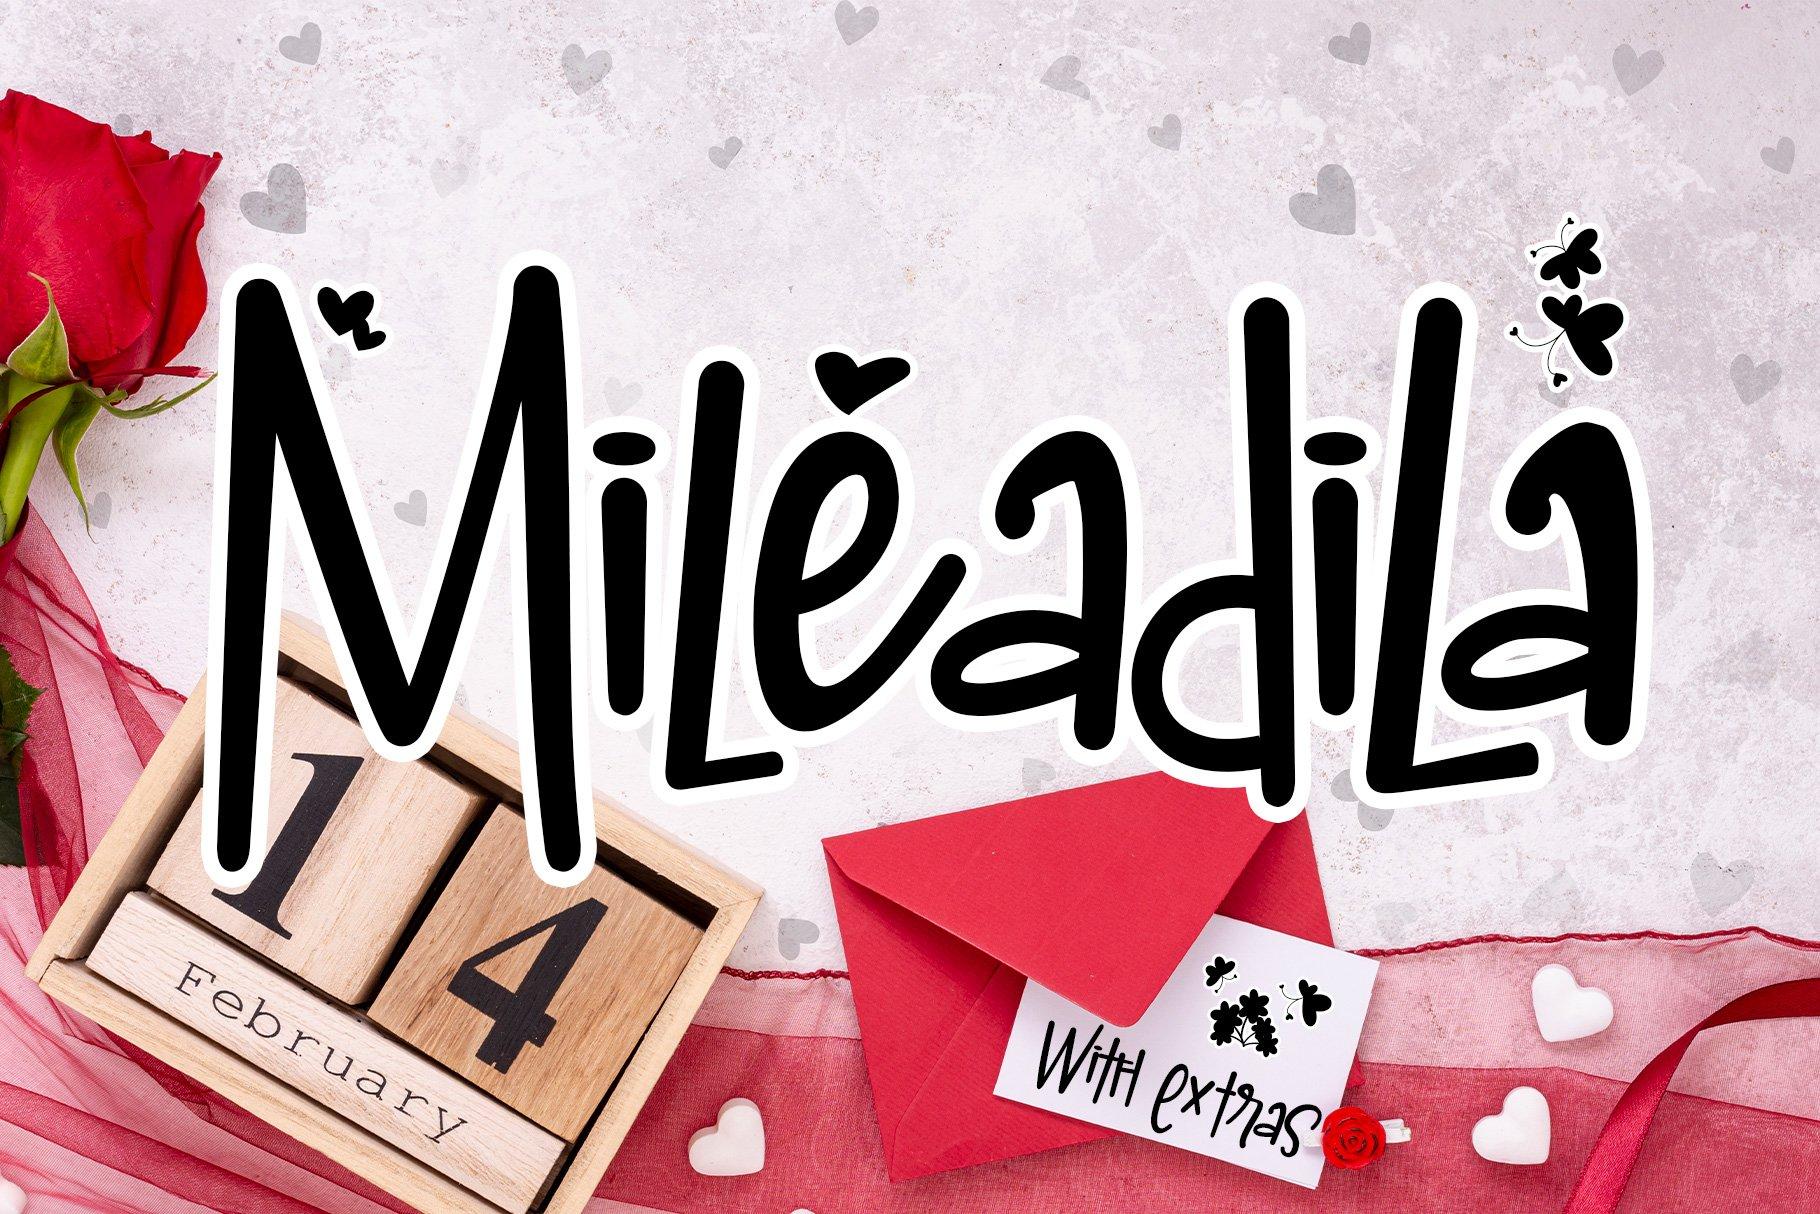 Mileadila example image 1